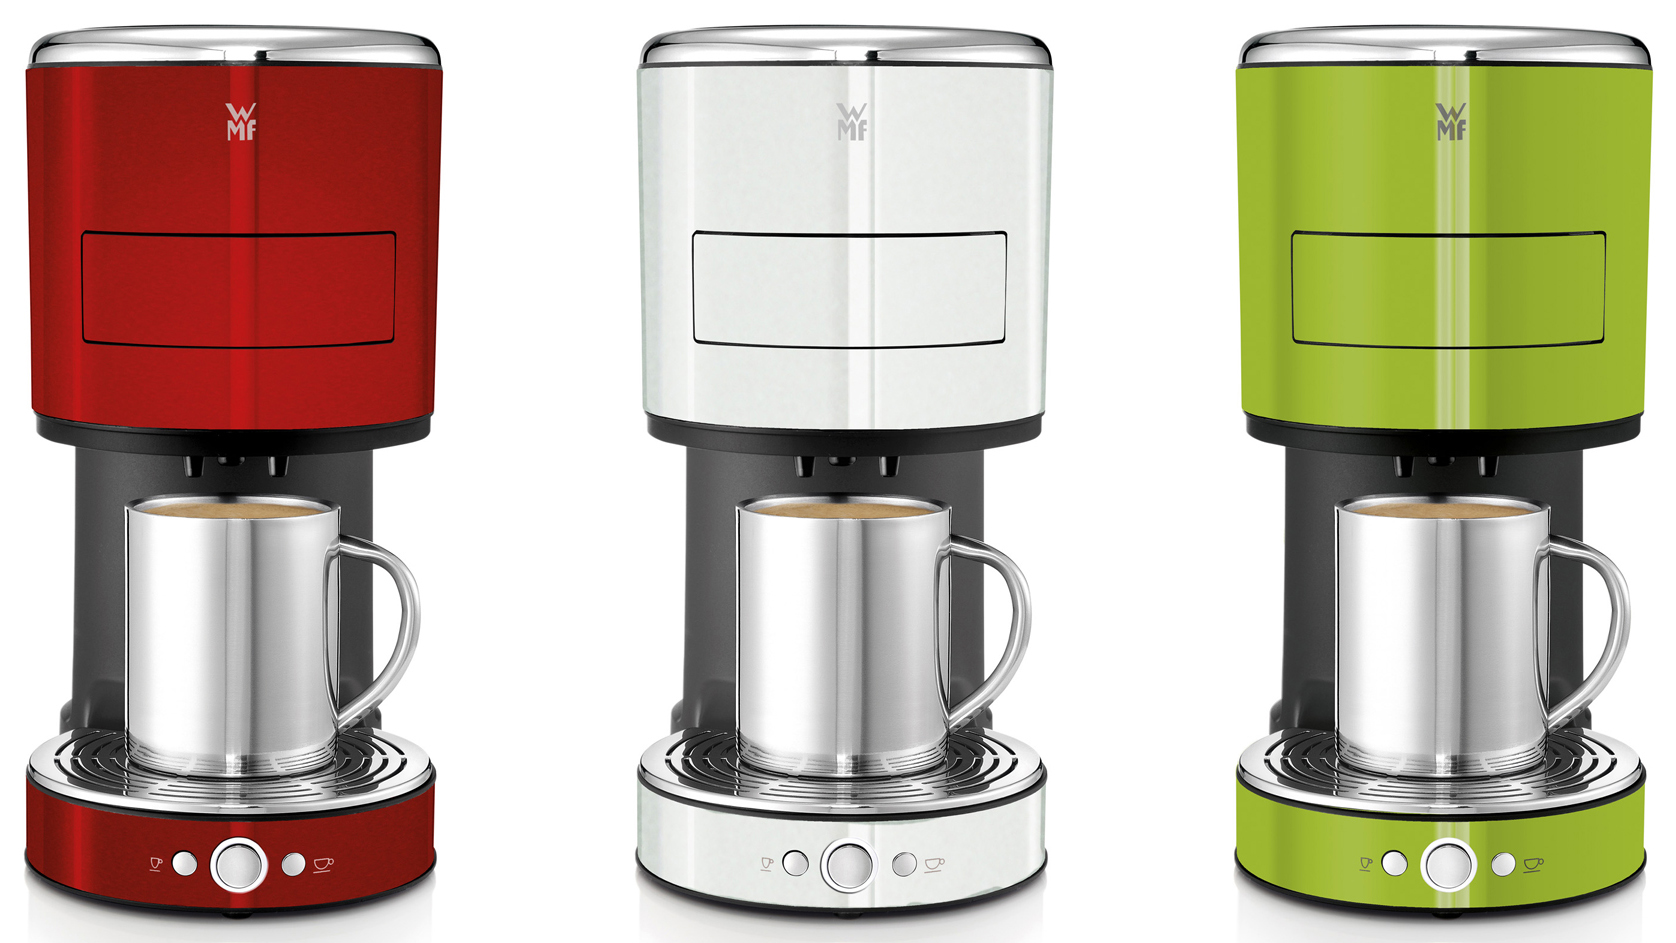 WMF Kaffeemaschine Lono Color – Kaffeepadmaschine in drei neuen Farben